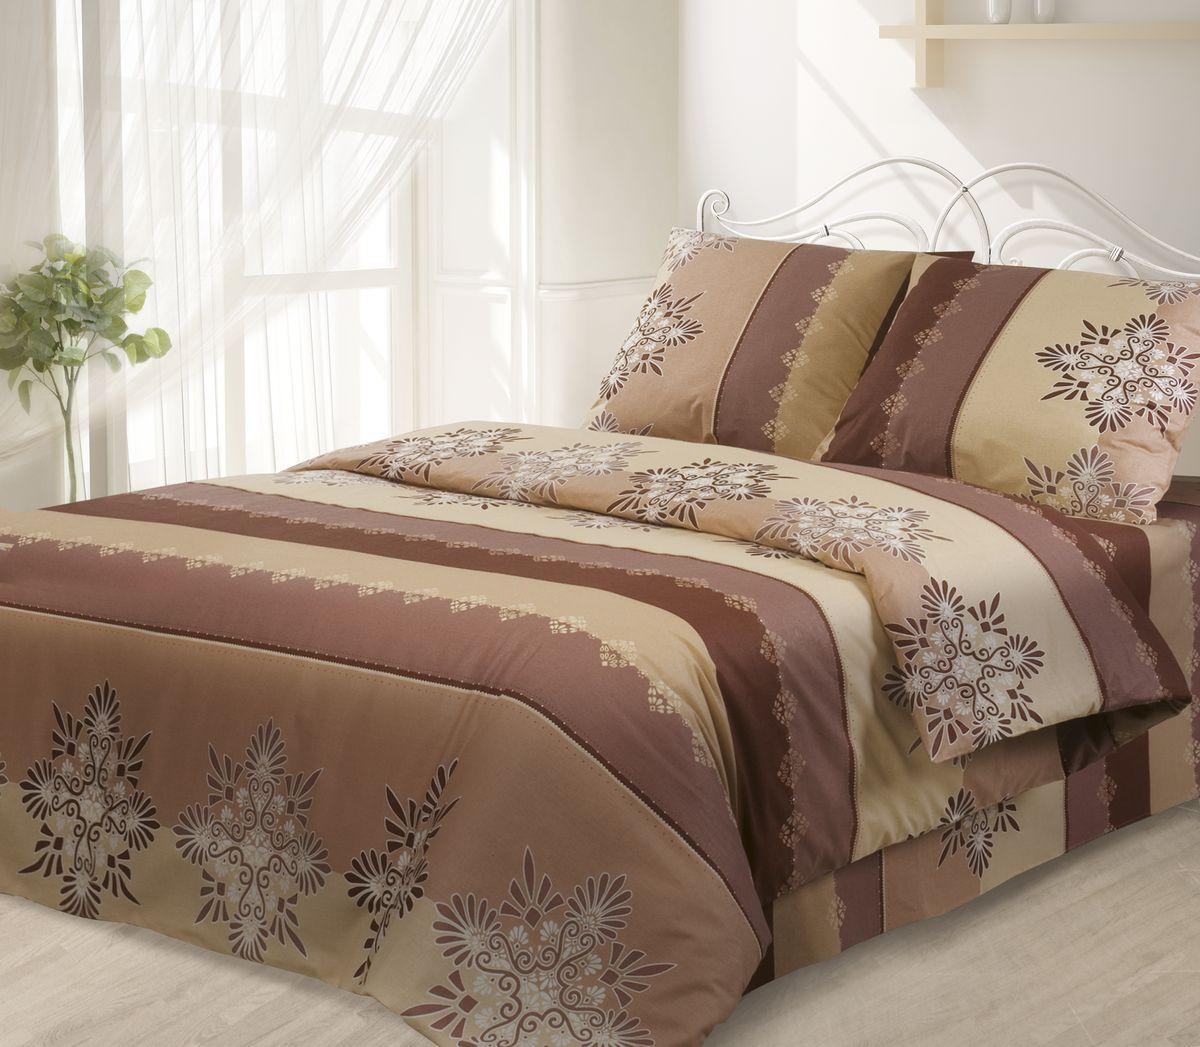 Комплект белья Гармония, 1,5-спальный, наволочки 50х70, цвет: коричневый391602Комплект постельного белья Гармония является экологически безопасным, так как выполнен из поплина (100% хлопка). Комплект состоит из пододеяльника, простыни и двух наволочек. Постельное белье оформлено красивым орнаментом и имеет изысканный внешний вид. Постельное белье Гармония - лучший выбор для современной хозяйки! Его отличают демократичная цена и отличное качество. Поплин мягкий и приятный на ощупь. Кроме того, эта ткань не требует особого ухода, легко стирается и прекрасно держит форму. Высококачественные красители, которые используются при производстве постельного белья, сохраняют свой цвет даже после многочисленных стирок.